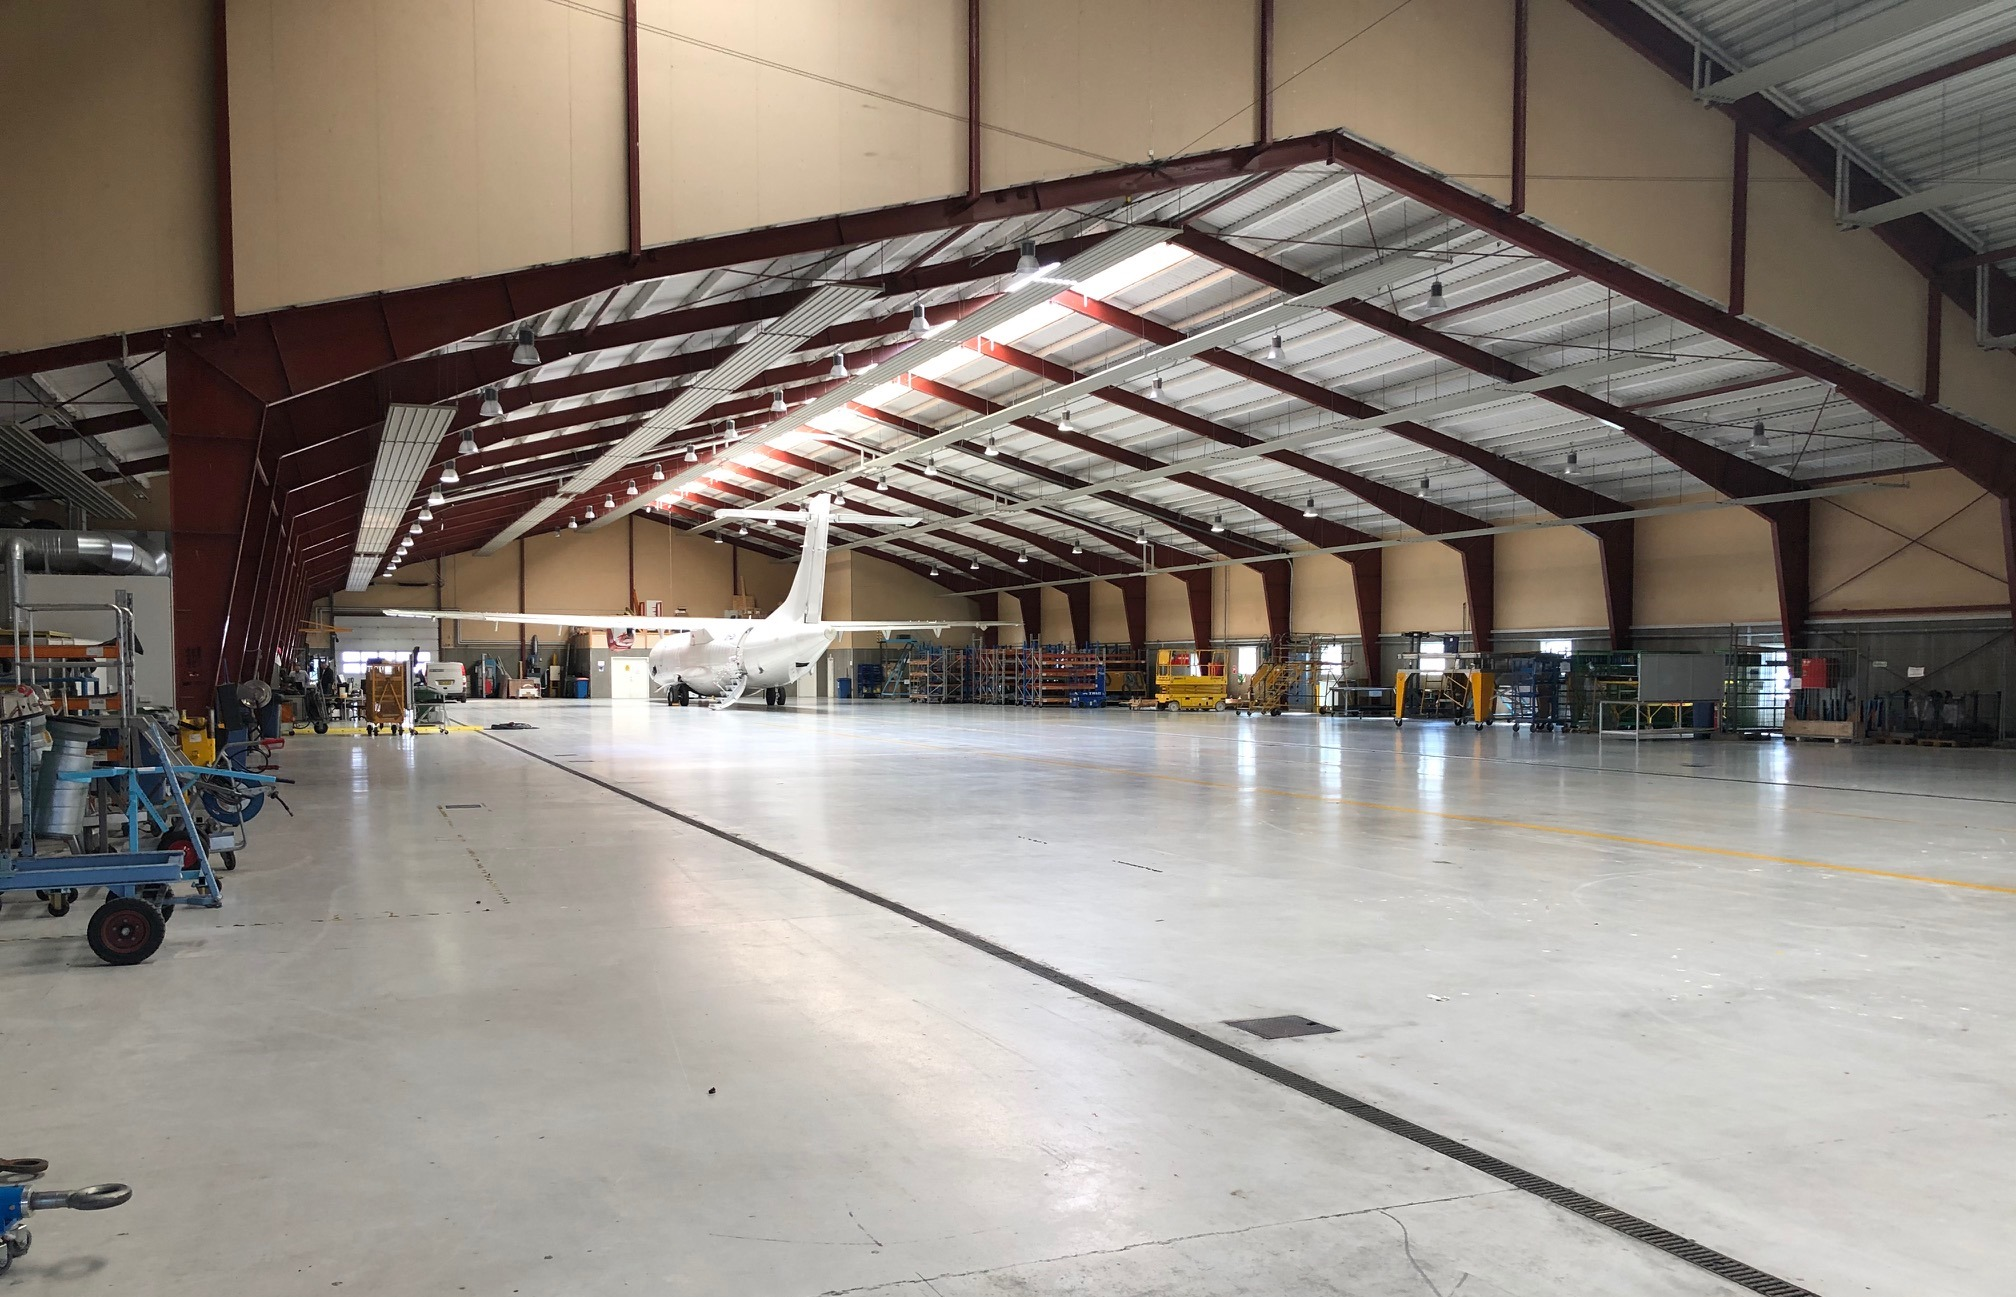 Skyways Technics' hangar i Billund Lufthavn. (Foto: Billund Lufthavn)